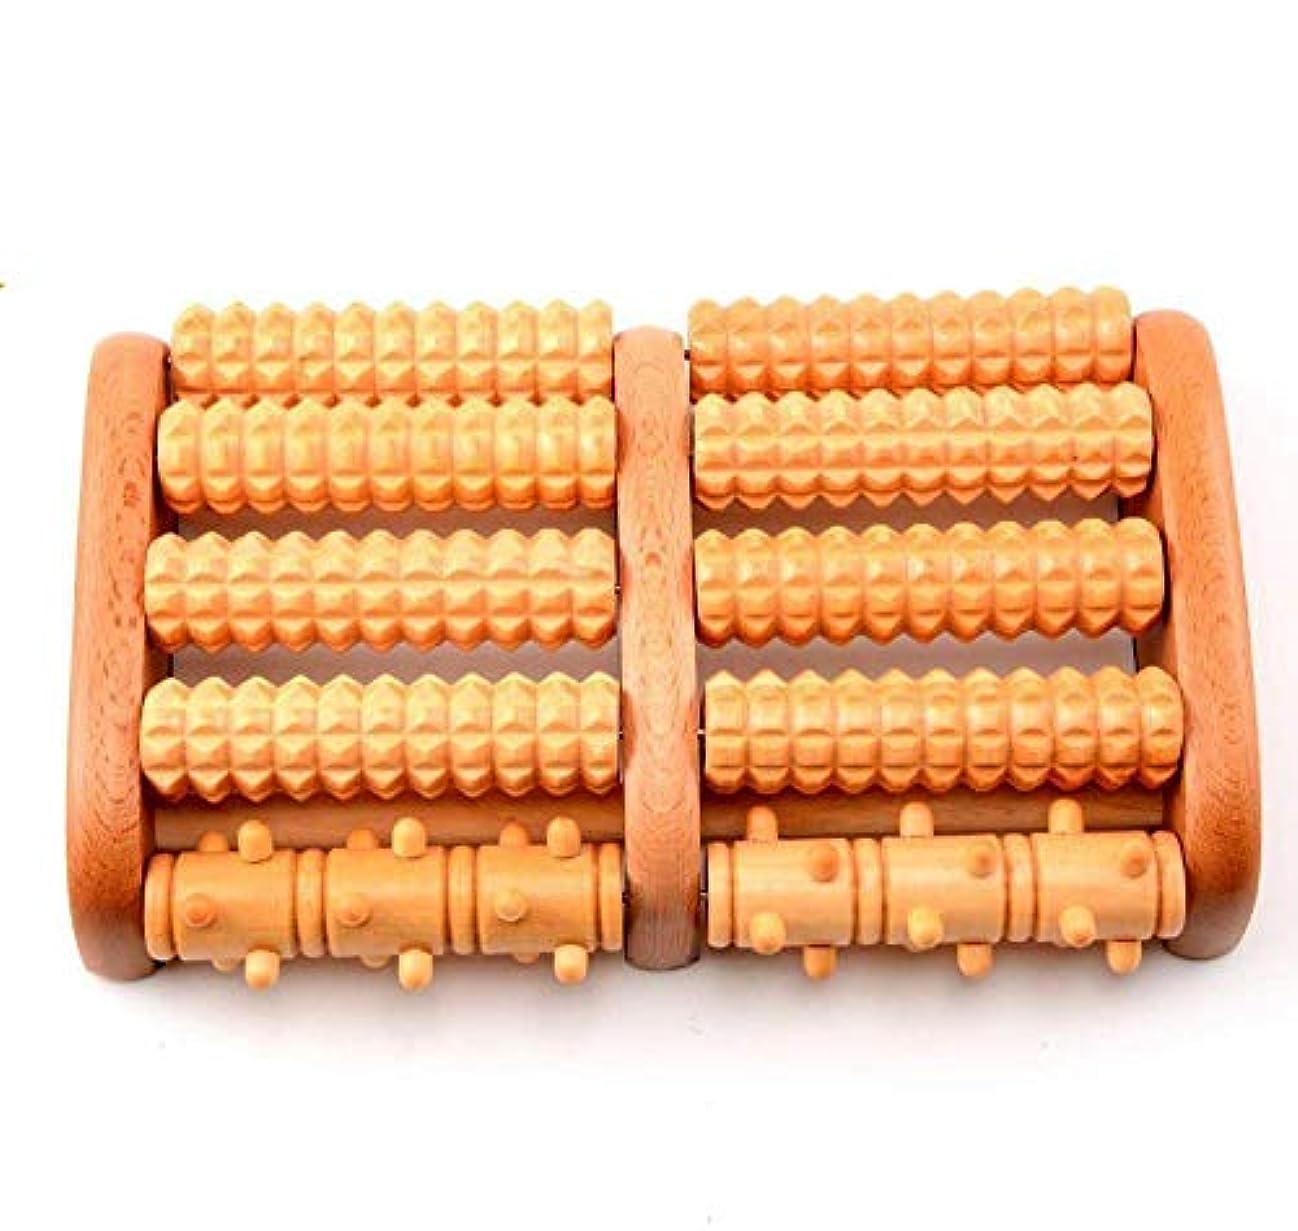 ナプキン部門拮抗するフットマッサージローラー、デュアルフットマッサージローラー木製の癒しの足平アーチの痛み,Ccc